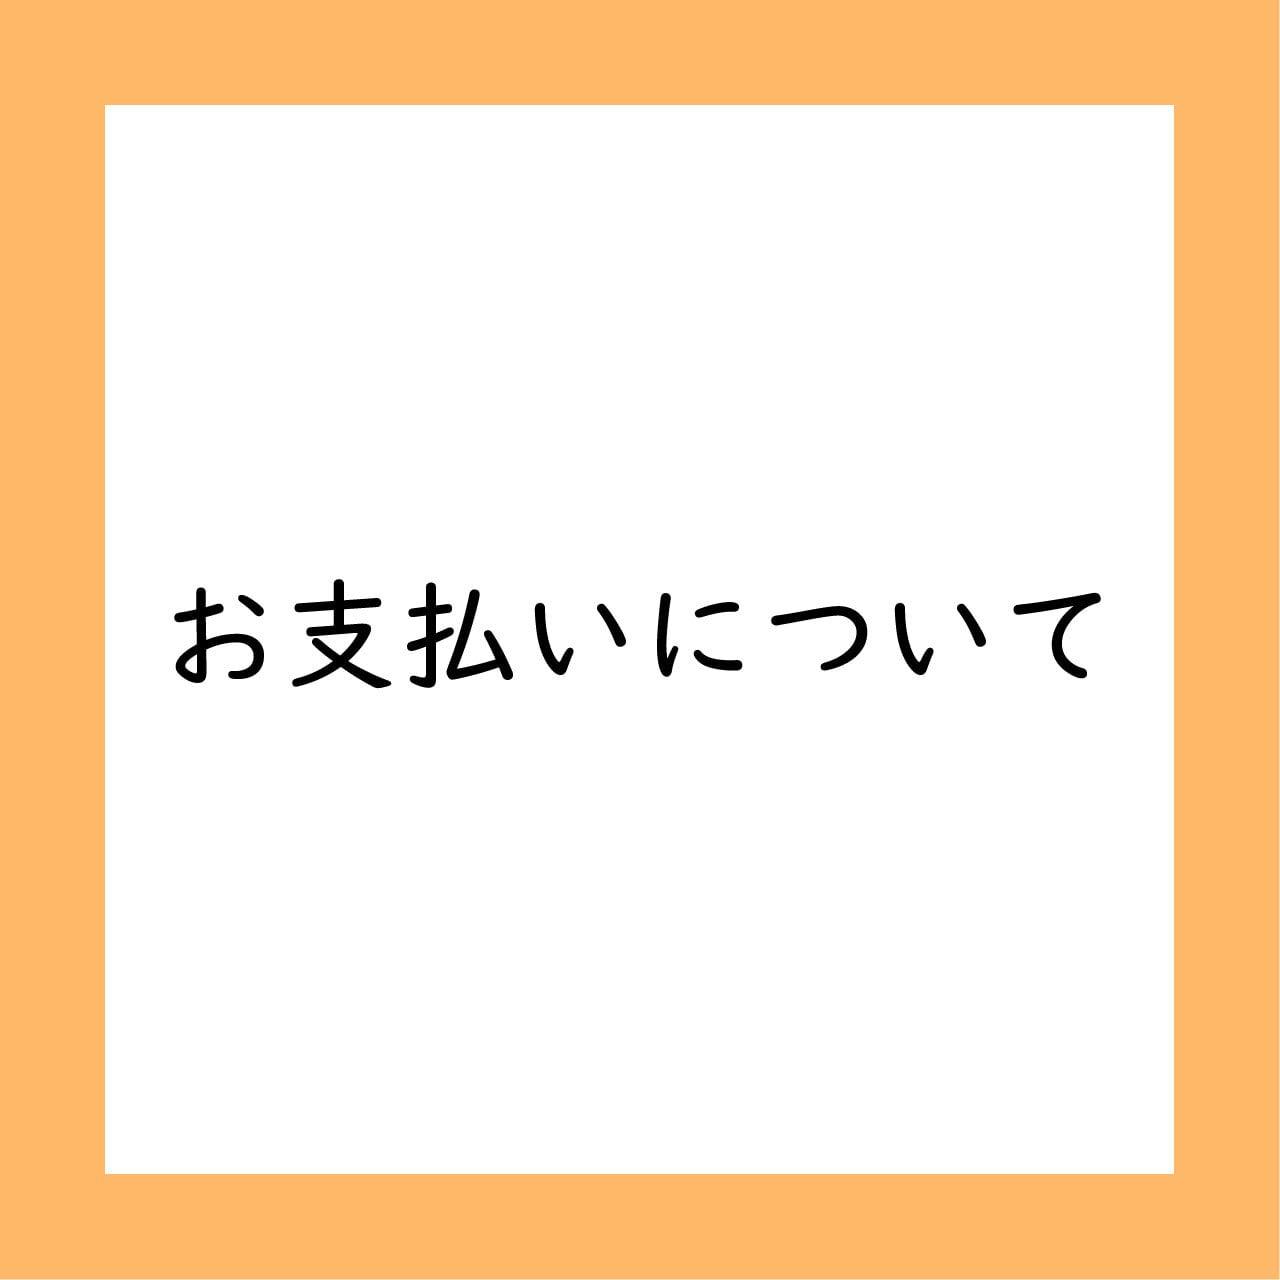 【注意事項】コンビニ決済・銀行振込決済について